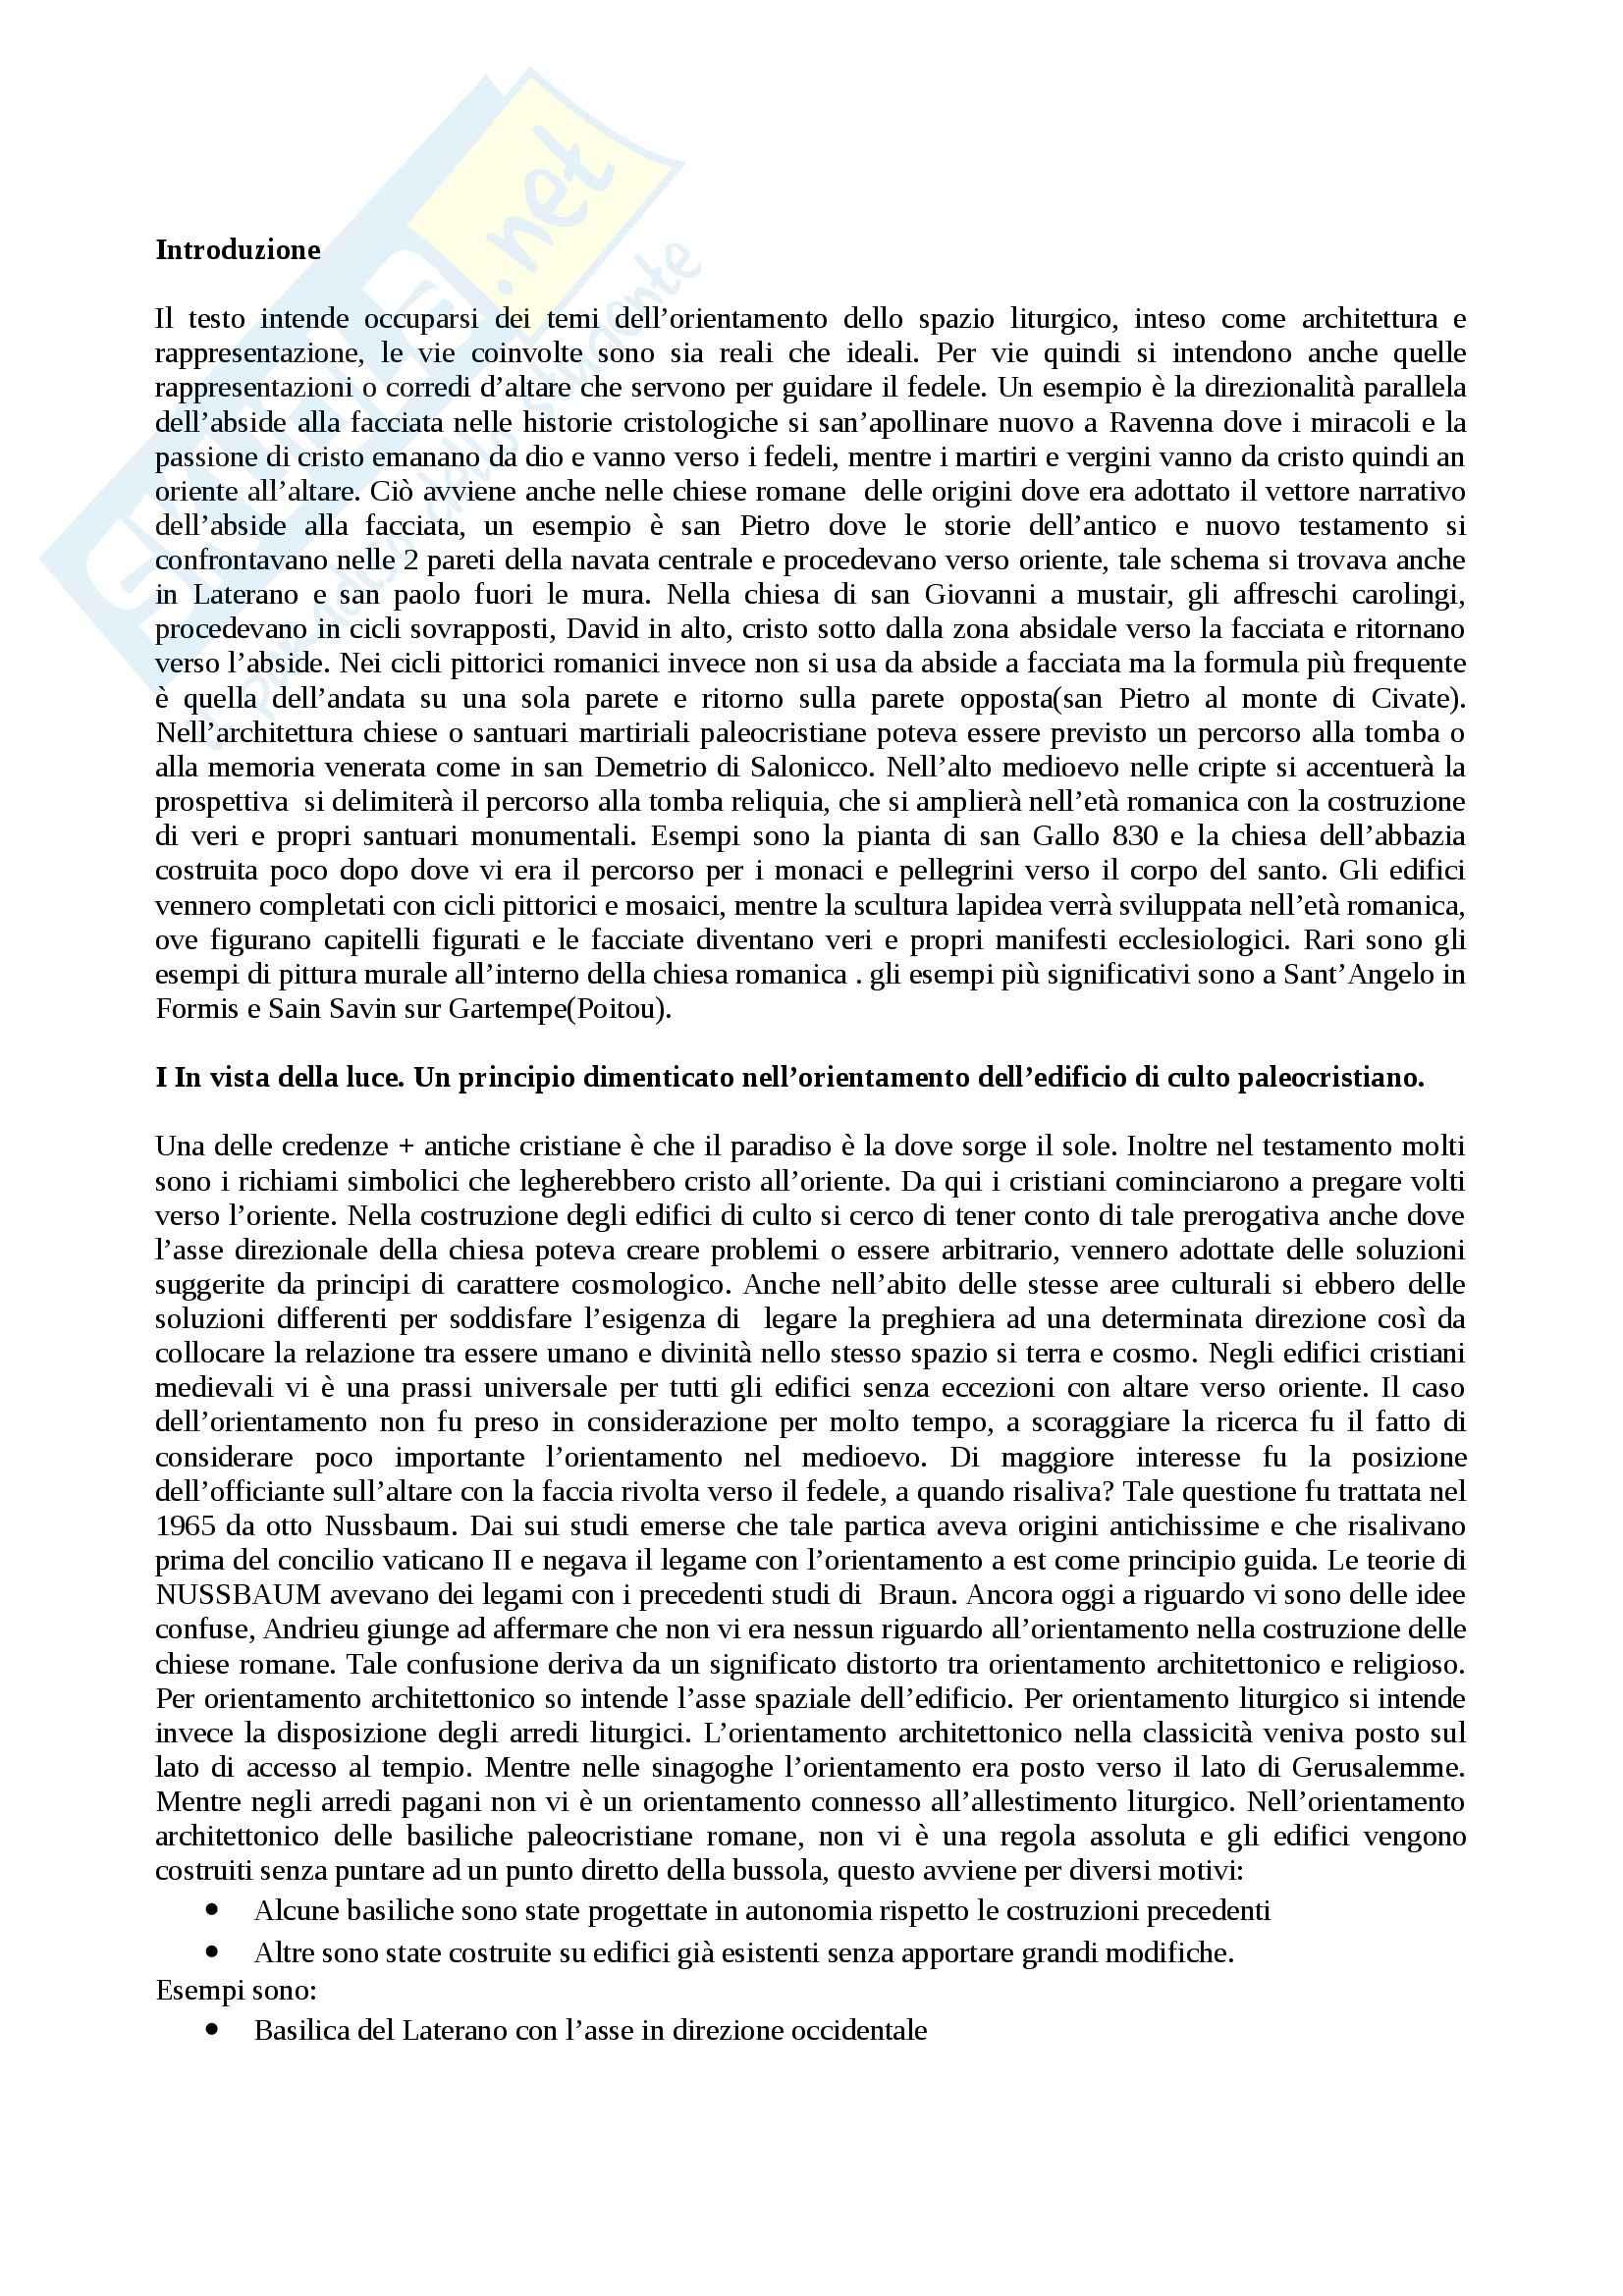 Riassunto esame storia dell'arte medievale, prof: Piva, prof. Piva, libro consigliato Arte medievale, Piva